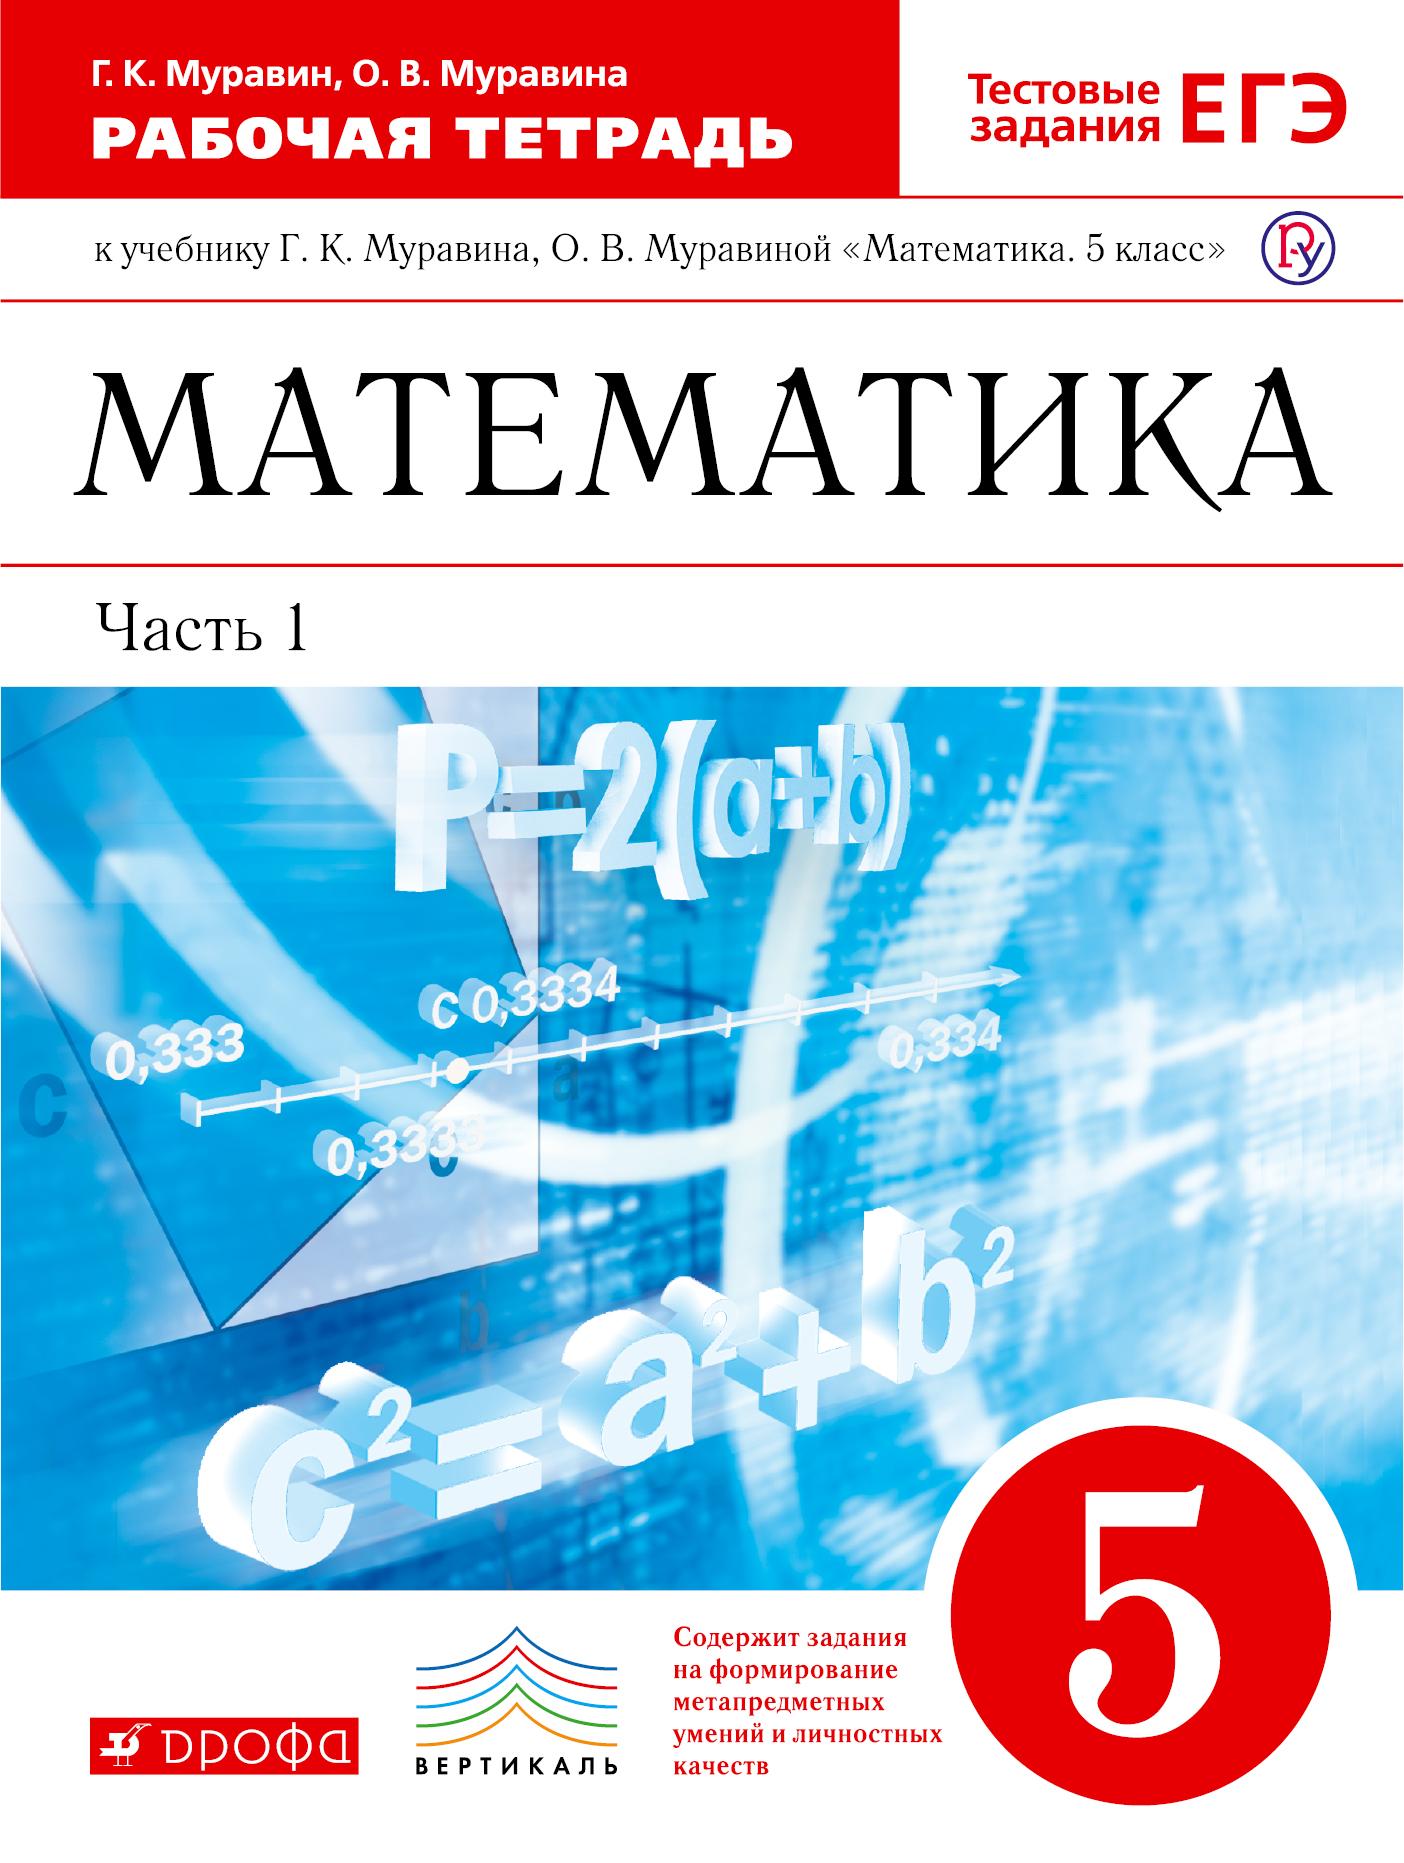 Математика. 5 класс. Рабочая тетрадь (с тестовыми заданиями ЕГЭ). Часть 1